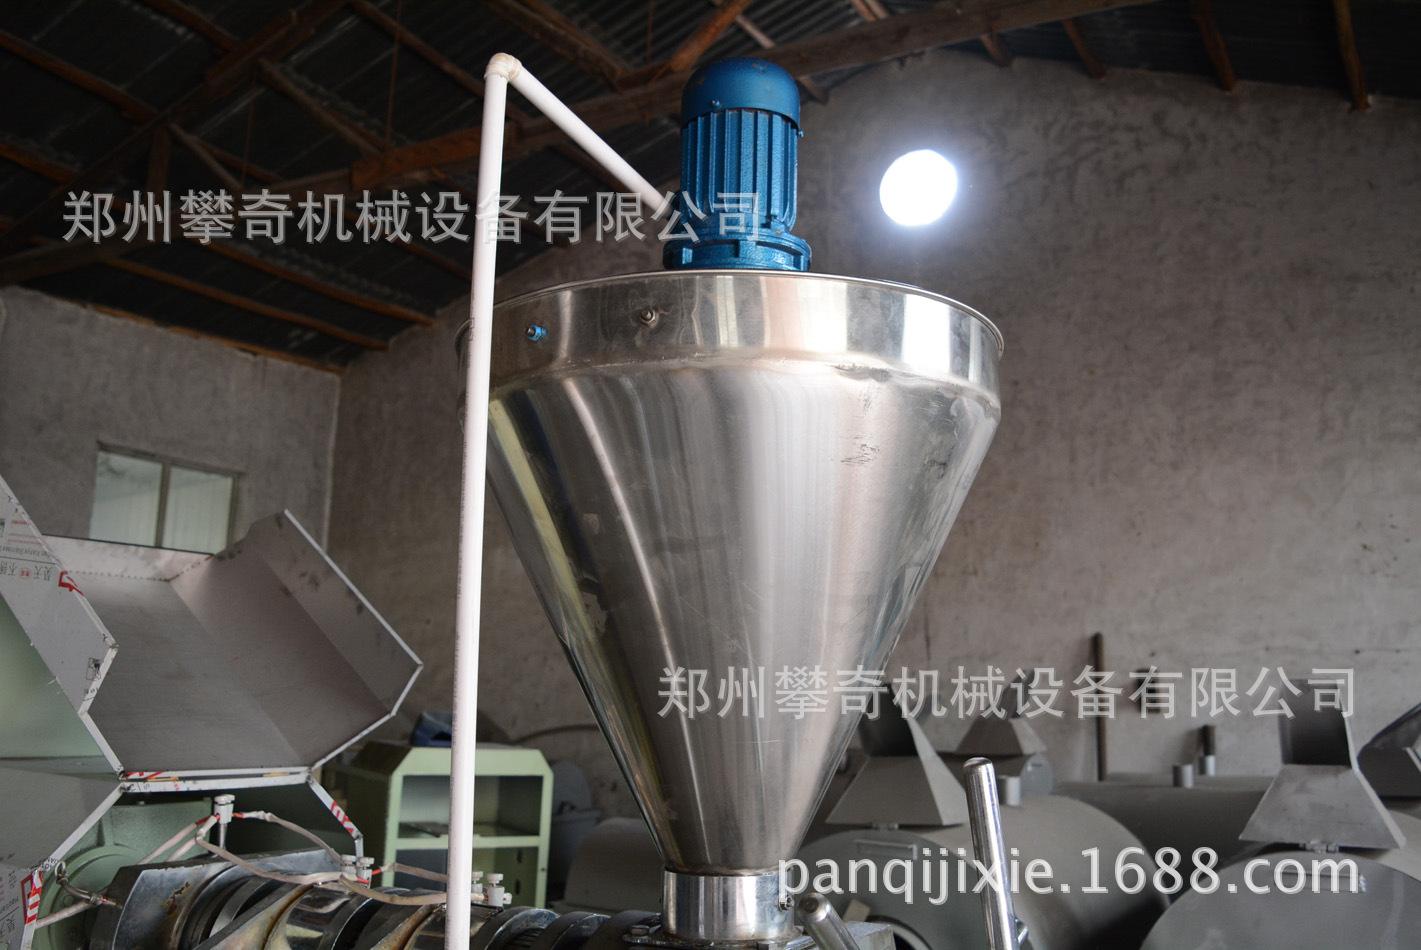 推荐高产量榨油机螺旋榨油机全自动榨油机设备示例图7